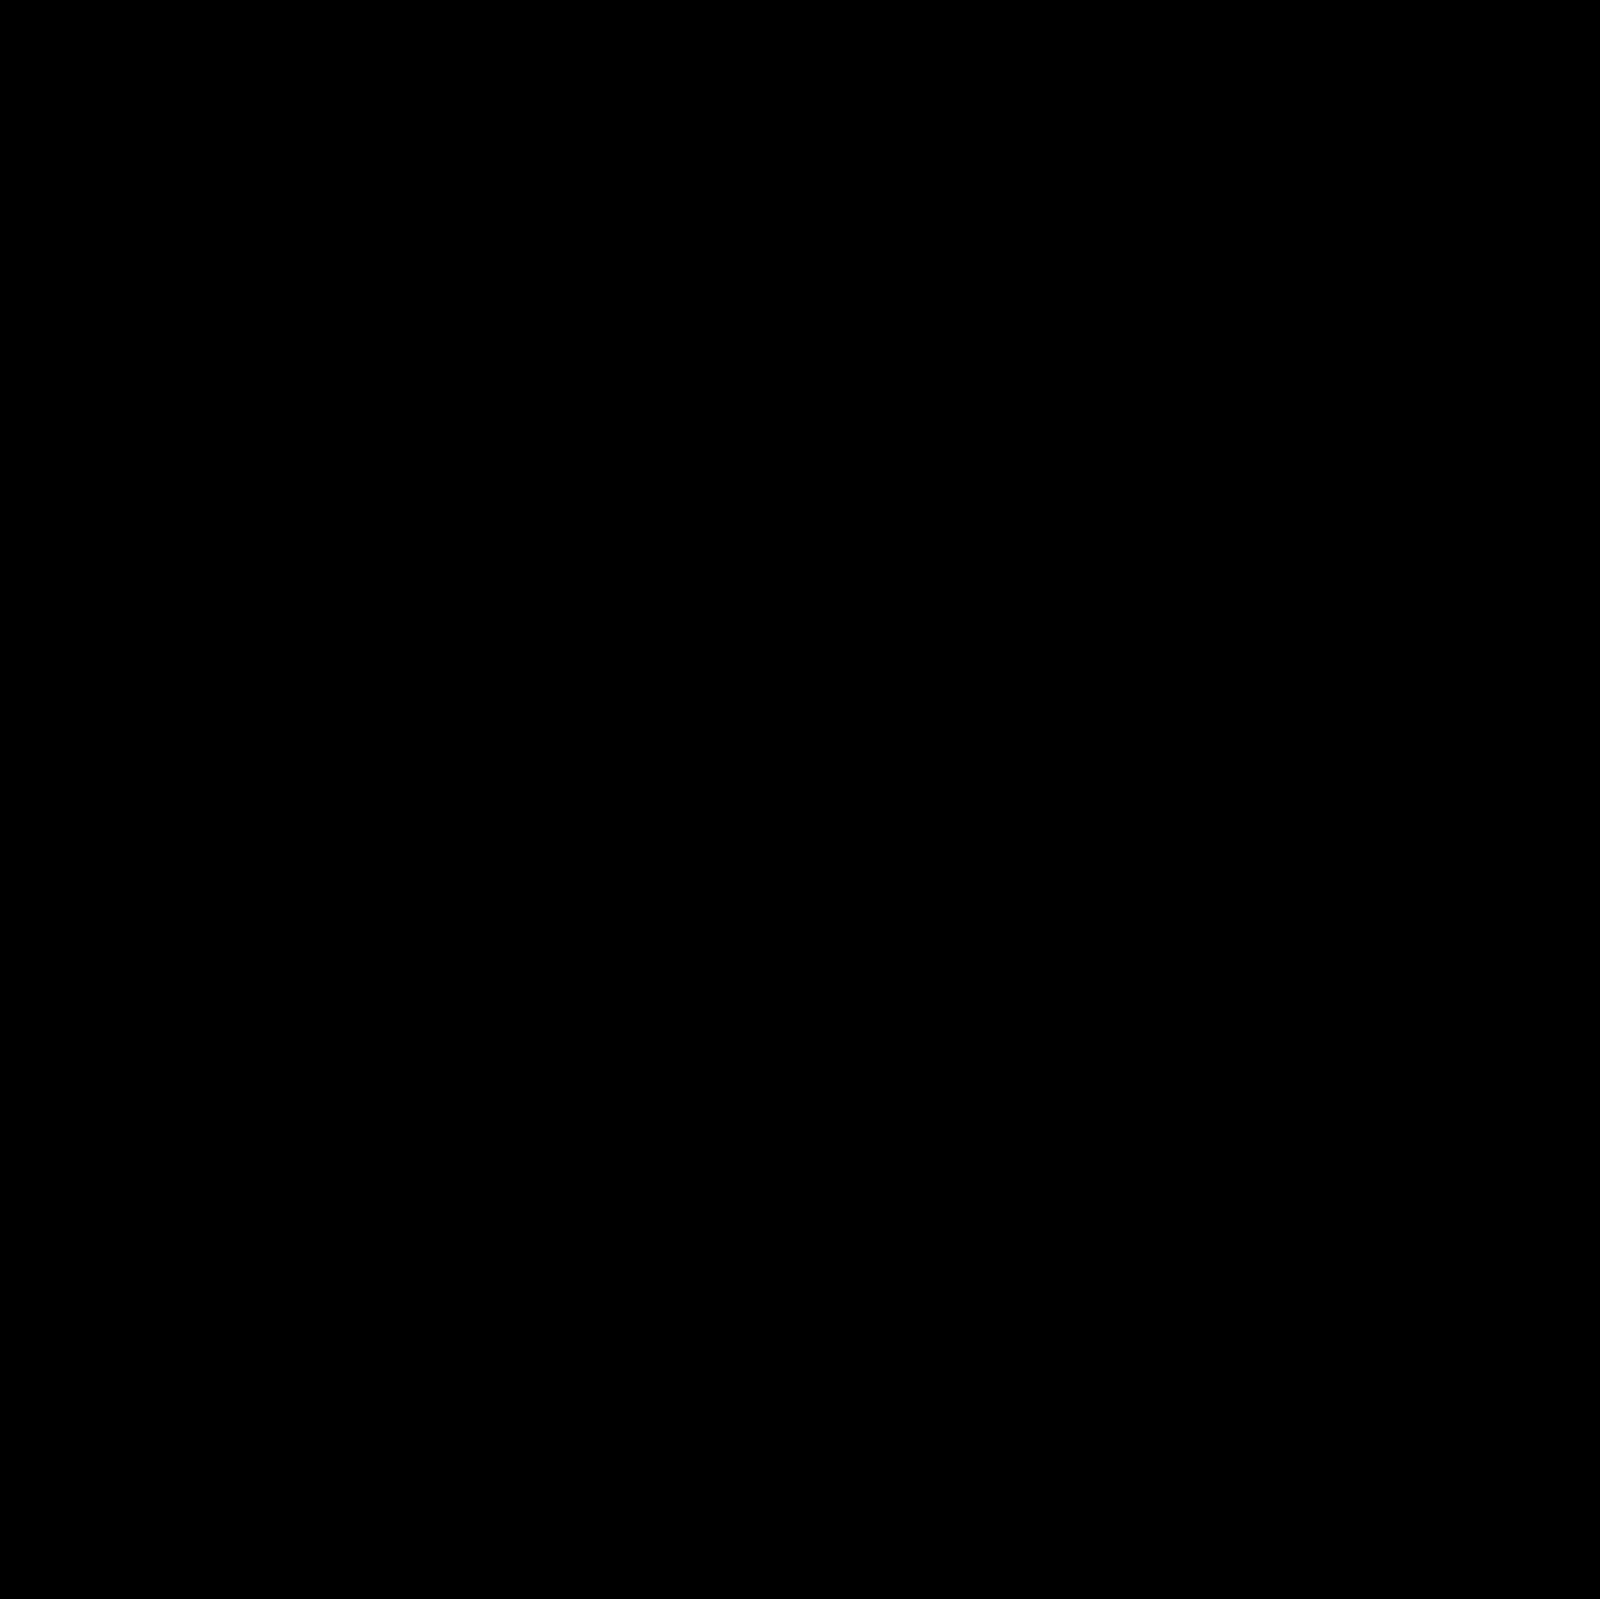 super sexy logo zmajstrował grzegorz myćka